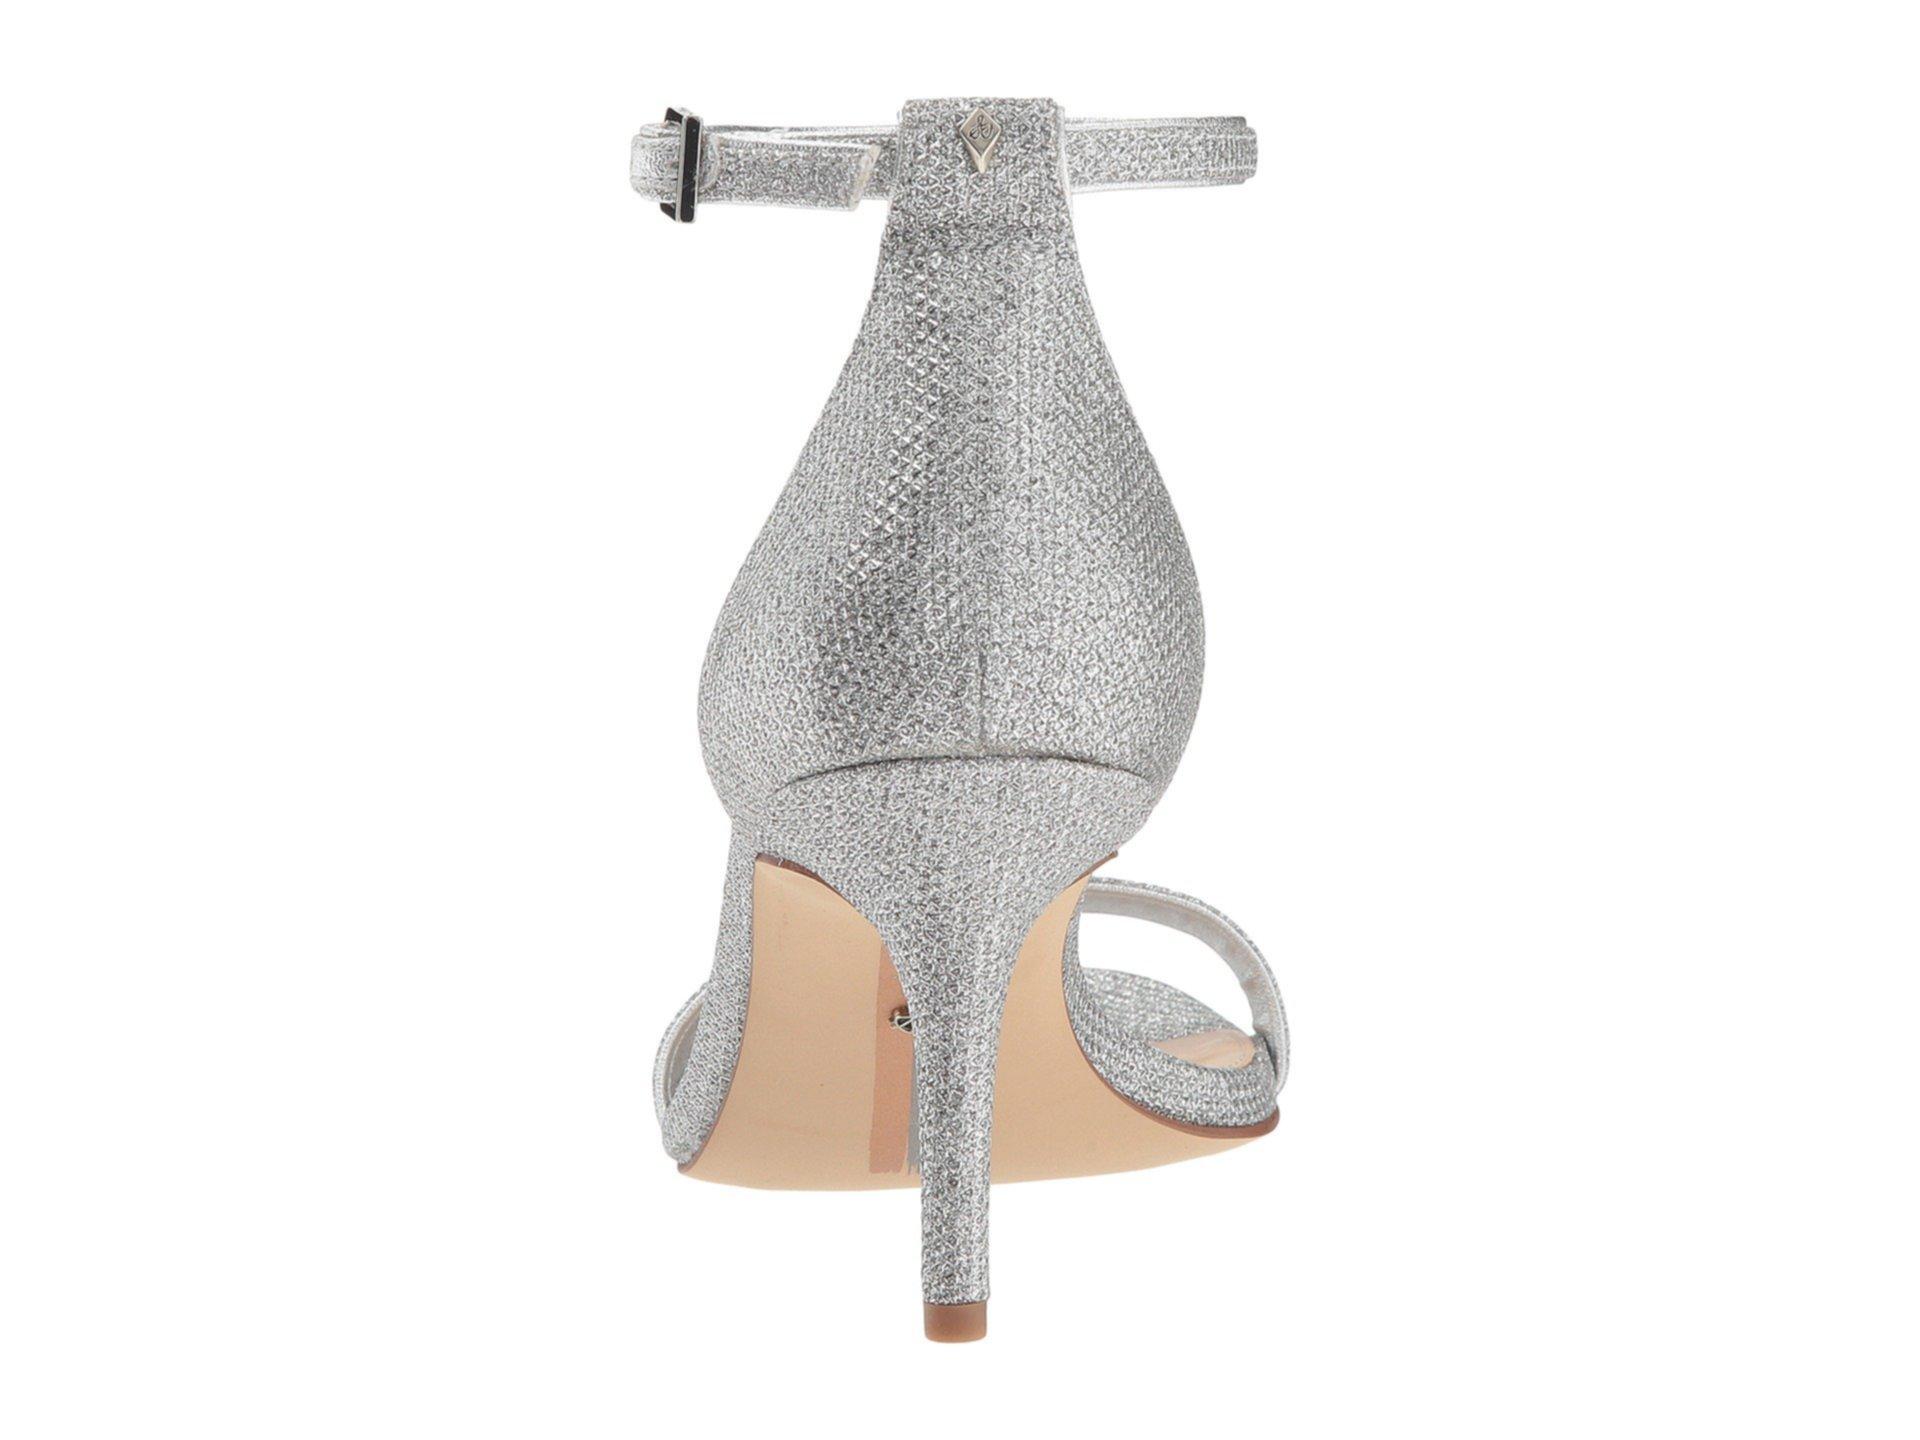 Сандалии на каблуке с ремешком Patti Sam Edelman